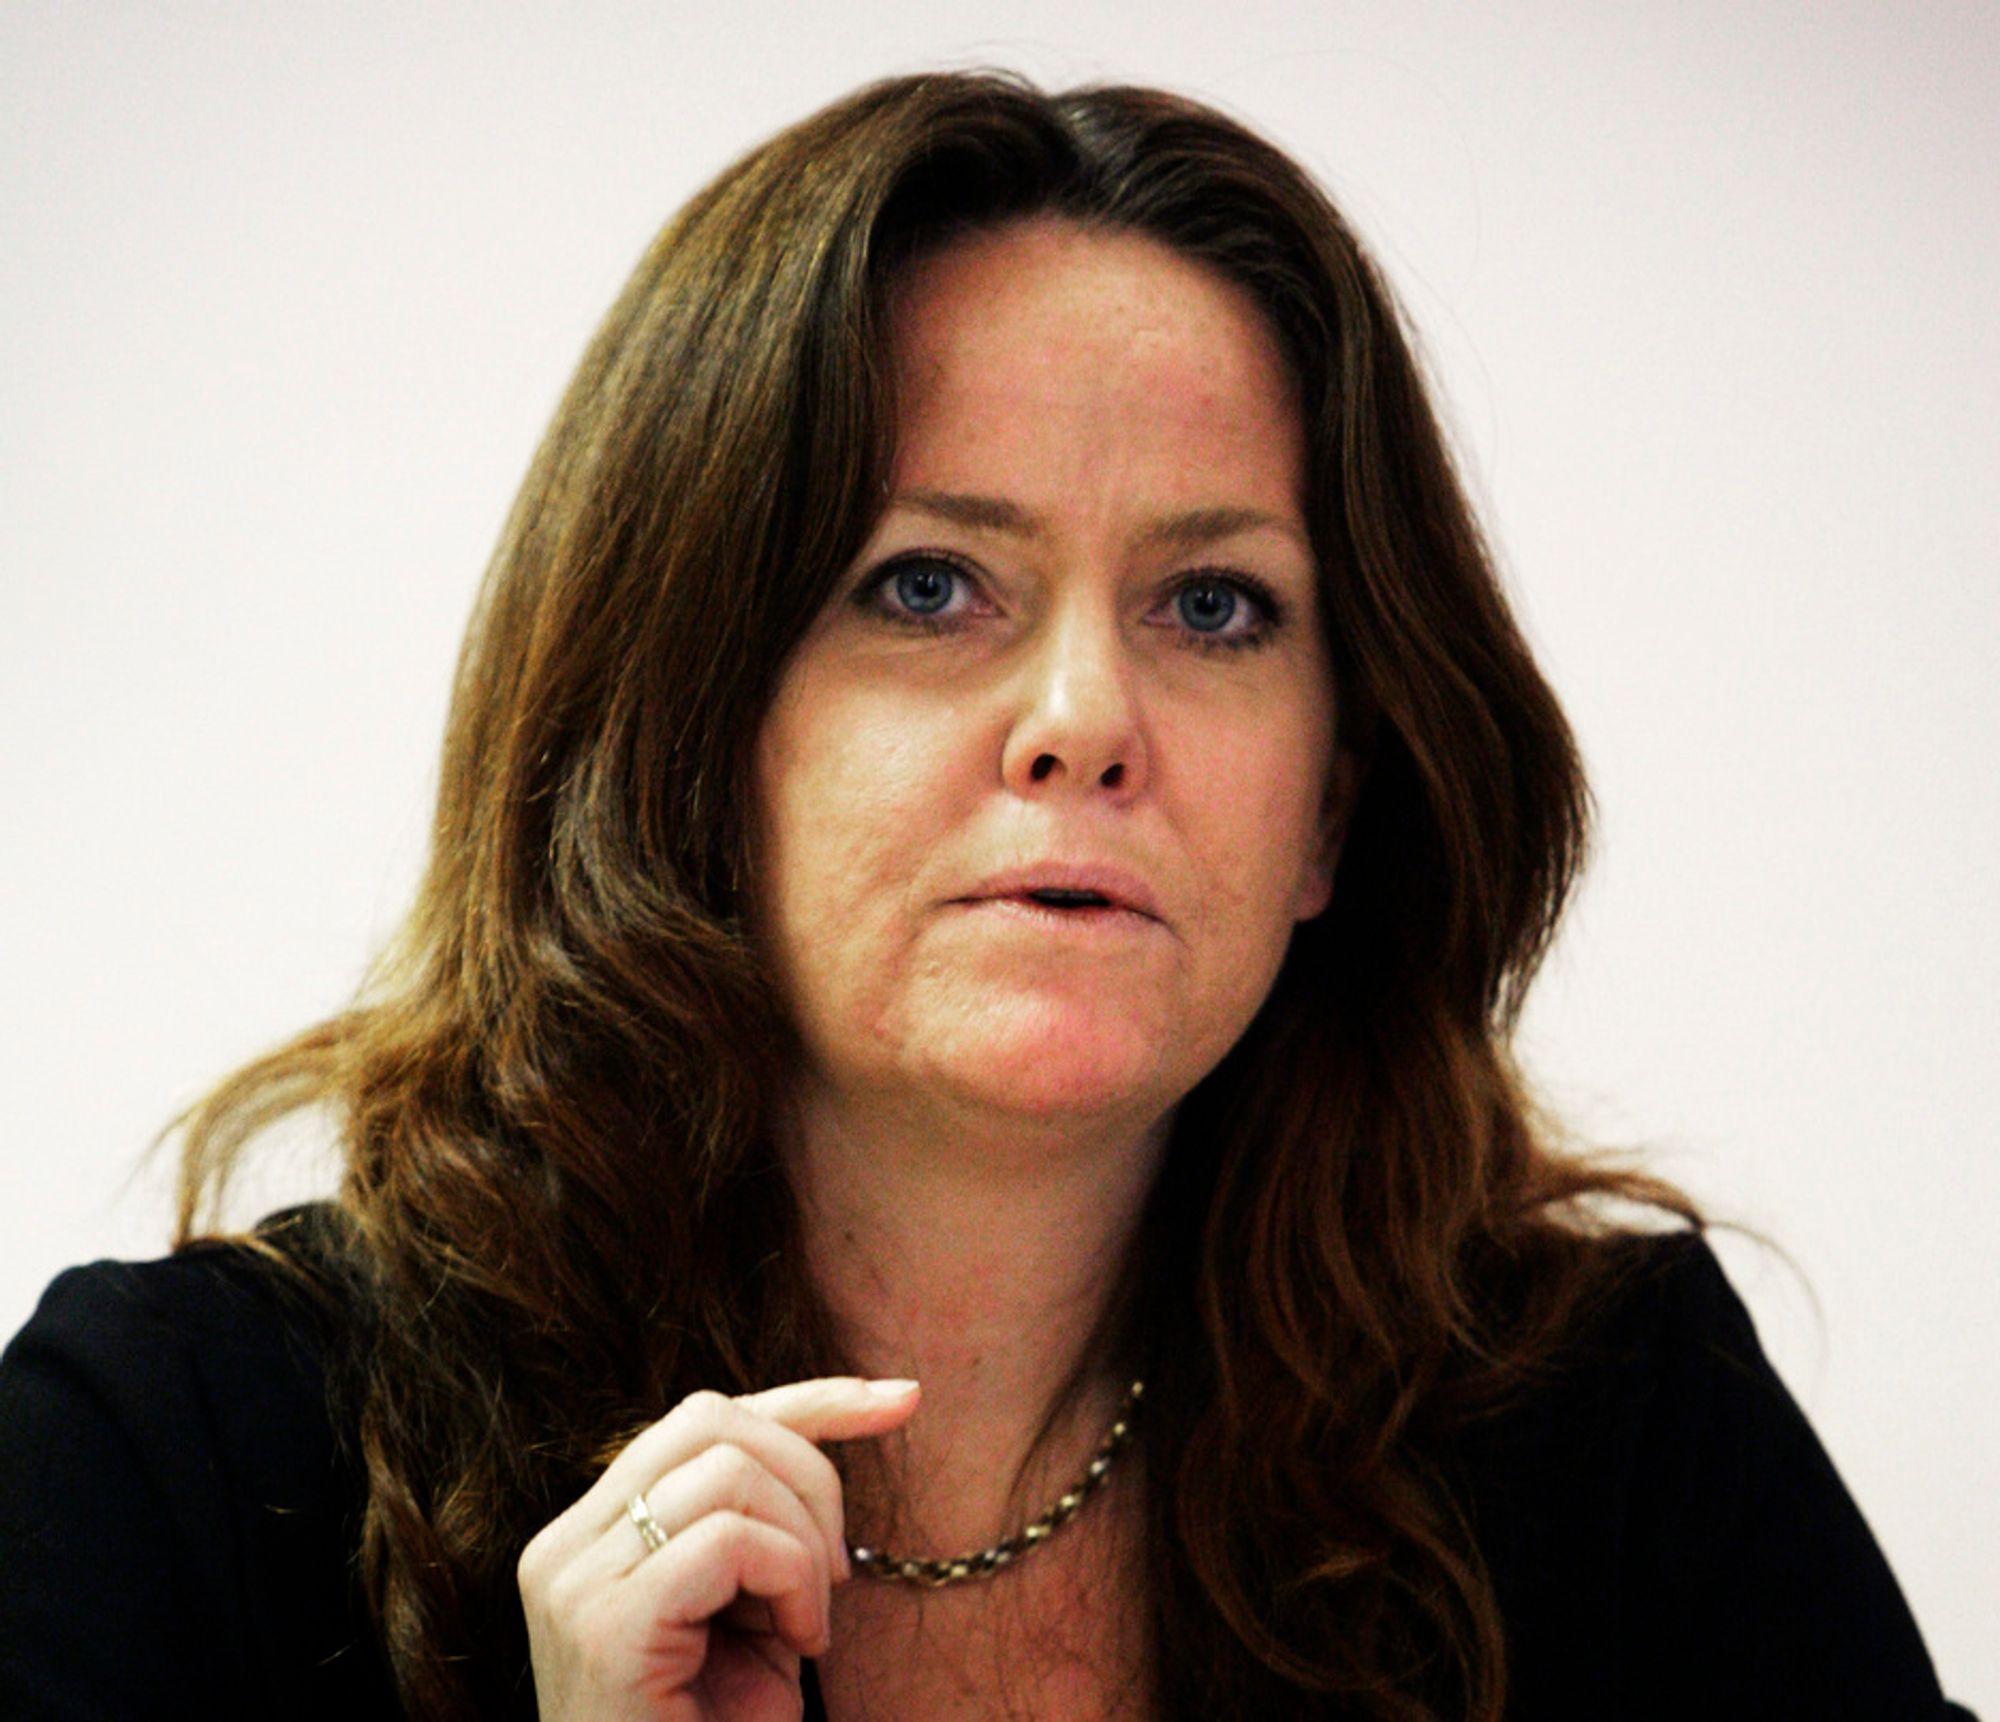 SISTE FASE: Statssekretær Heidi Sørensen i Miljøverndepartementet sier vi nå har vernet 17-18 prosent av norsk natur. - Nå blir hovedansvaret skjøtsel og forvaltning av det vi har vernet, sier hun.